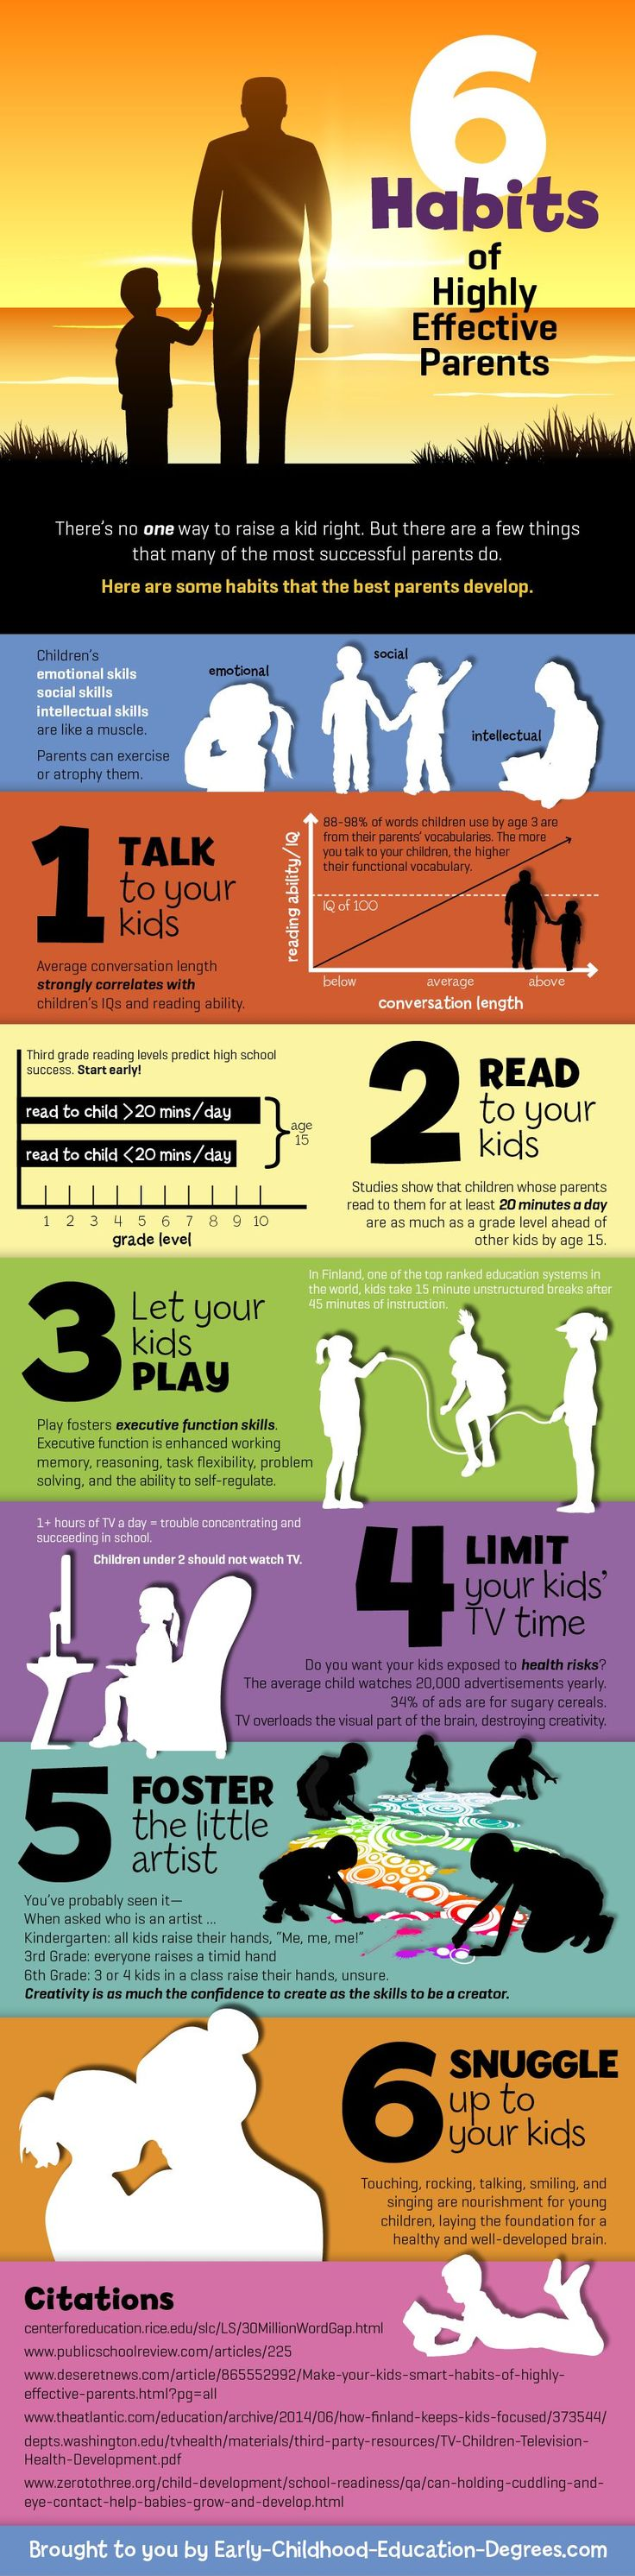 6 hábitos de los padres altamente efectivos con sus hijos